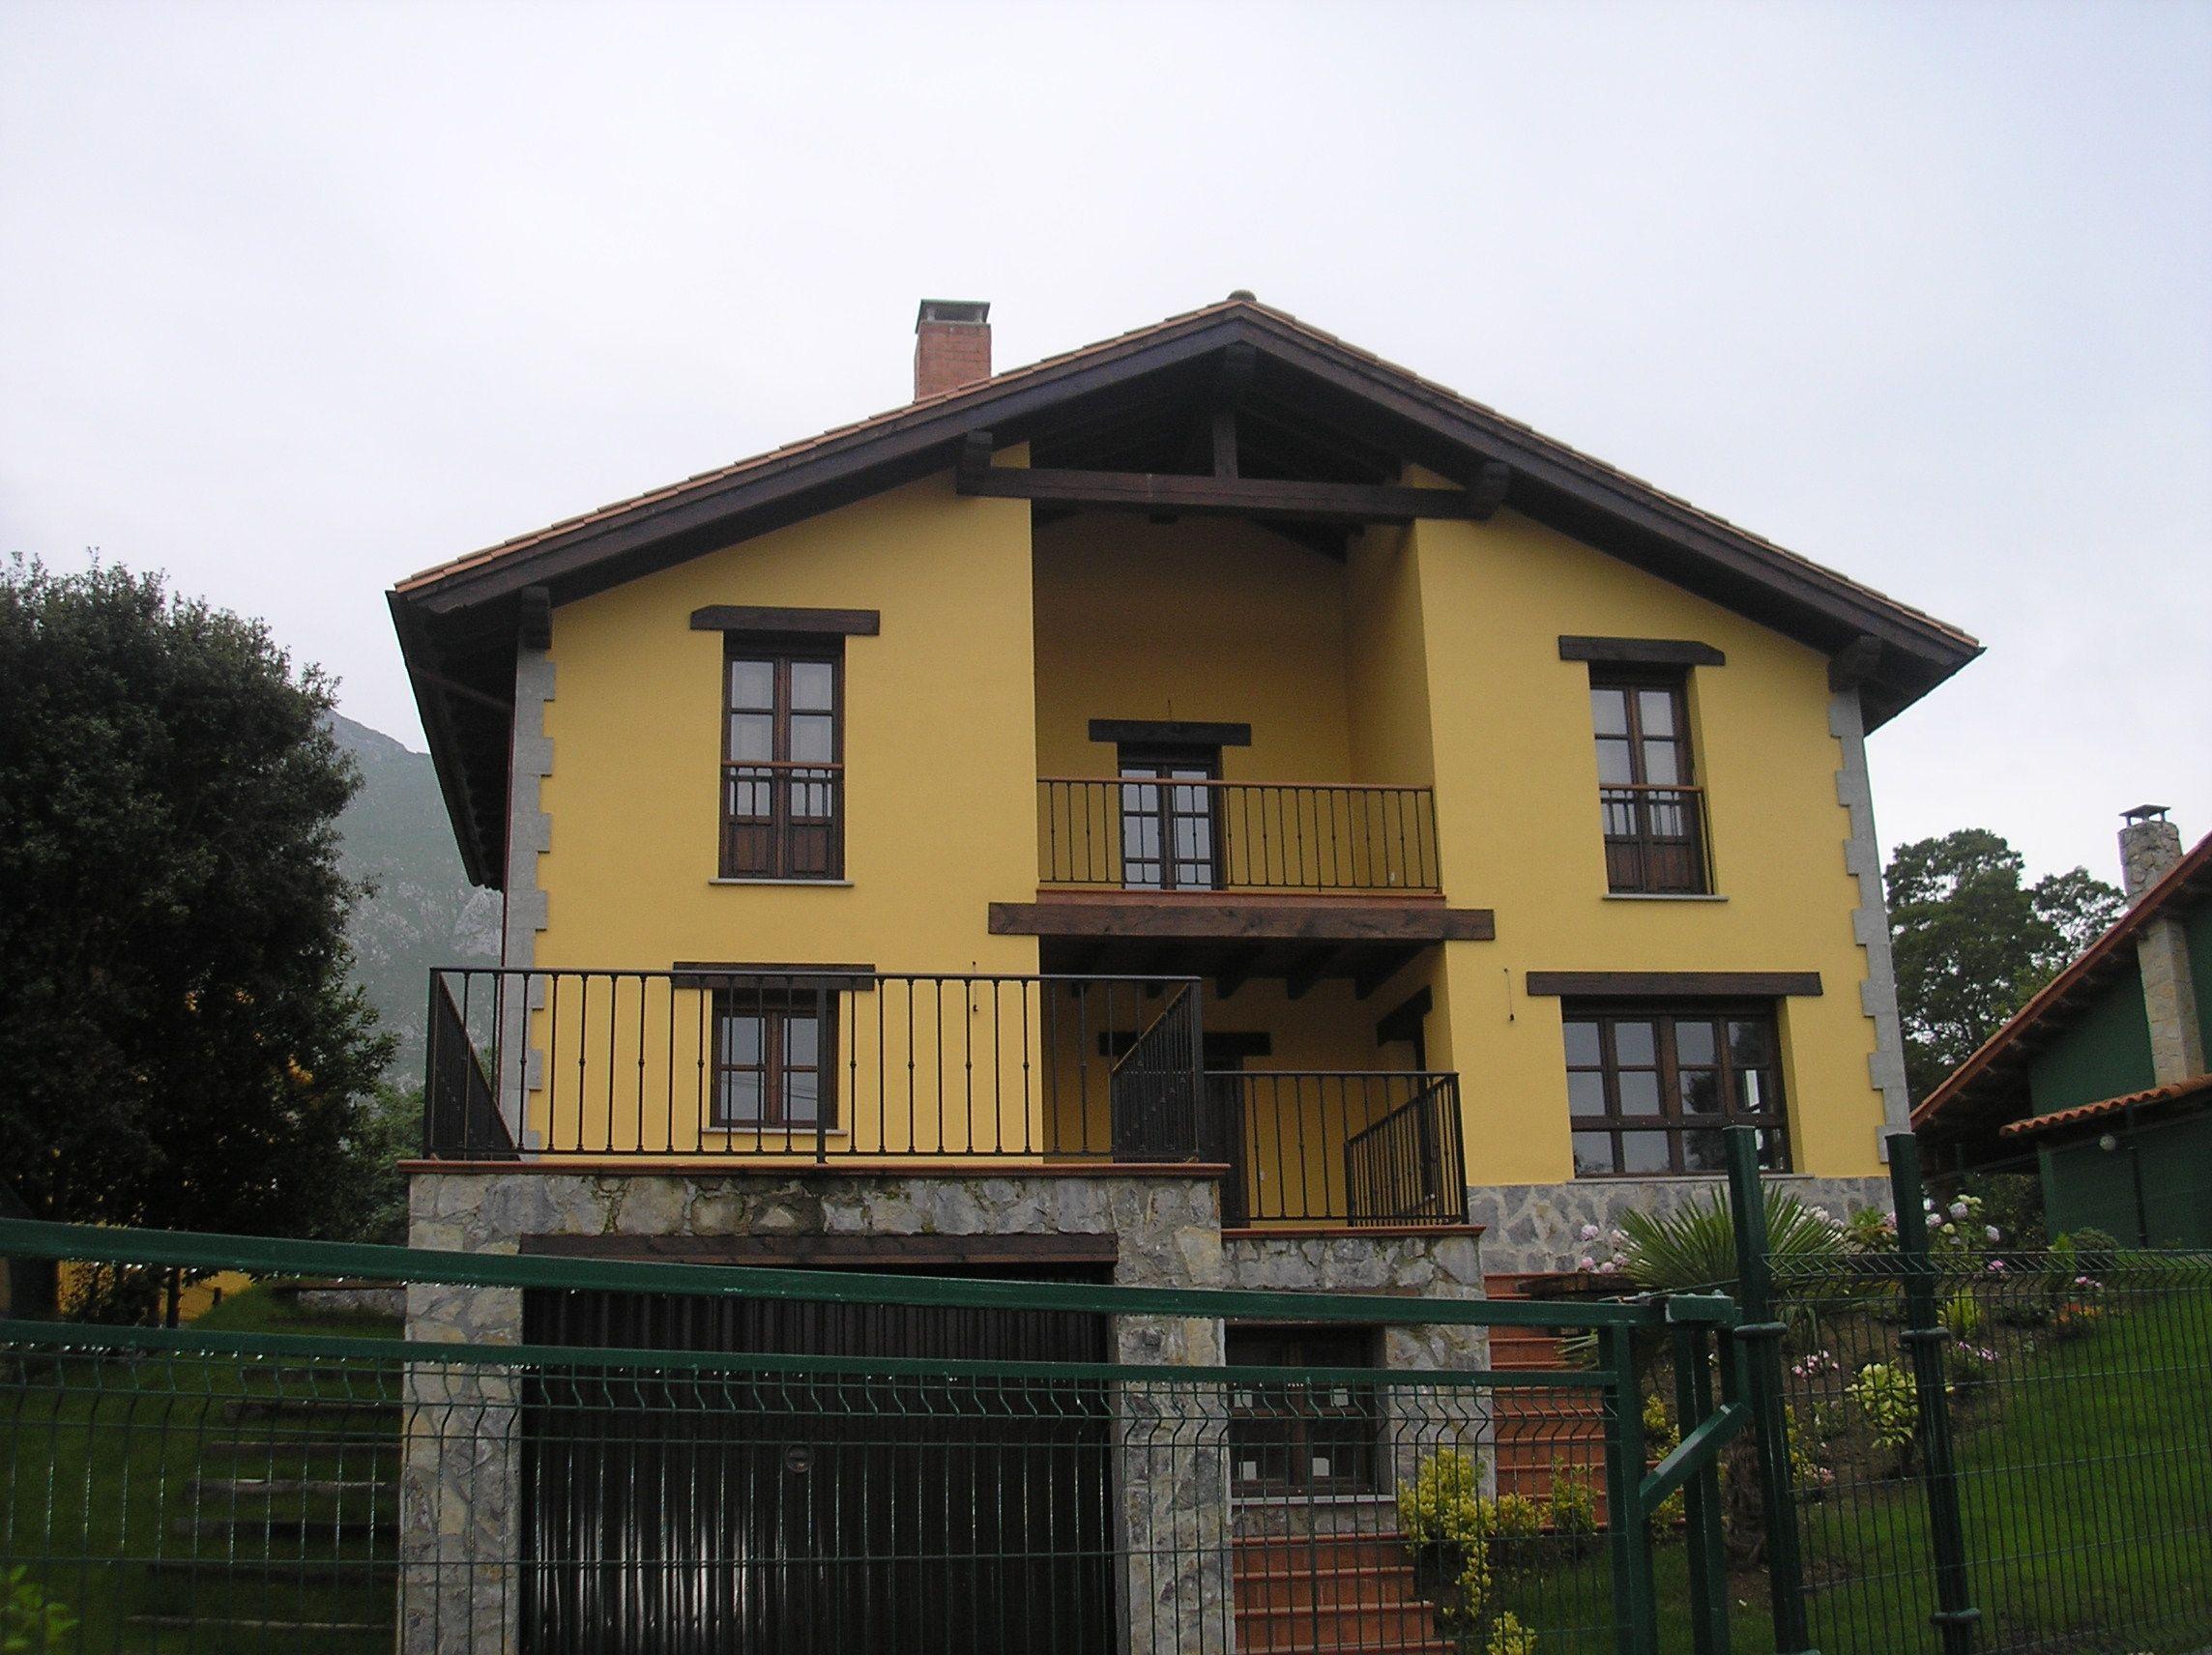 Gran casa con imponente tejado en madera a 2 aguas en un for Tejados de madera casas